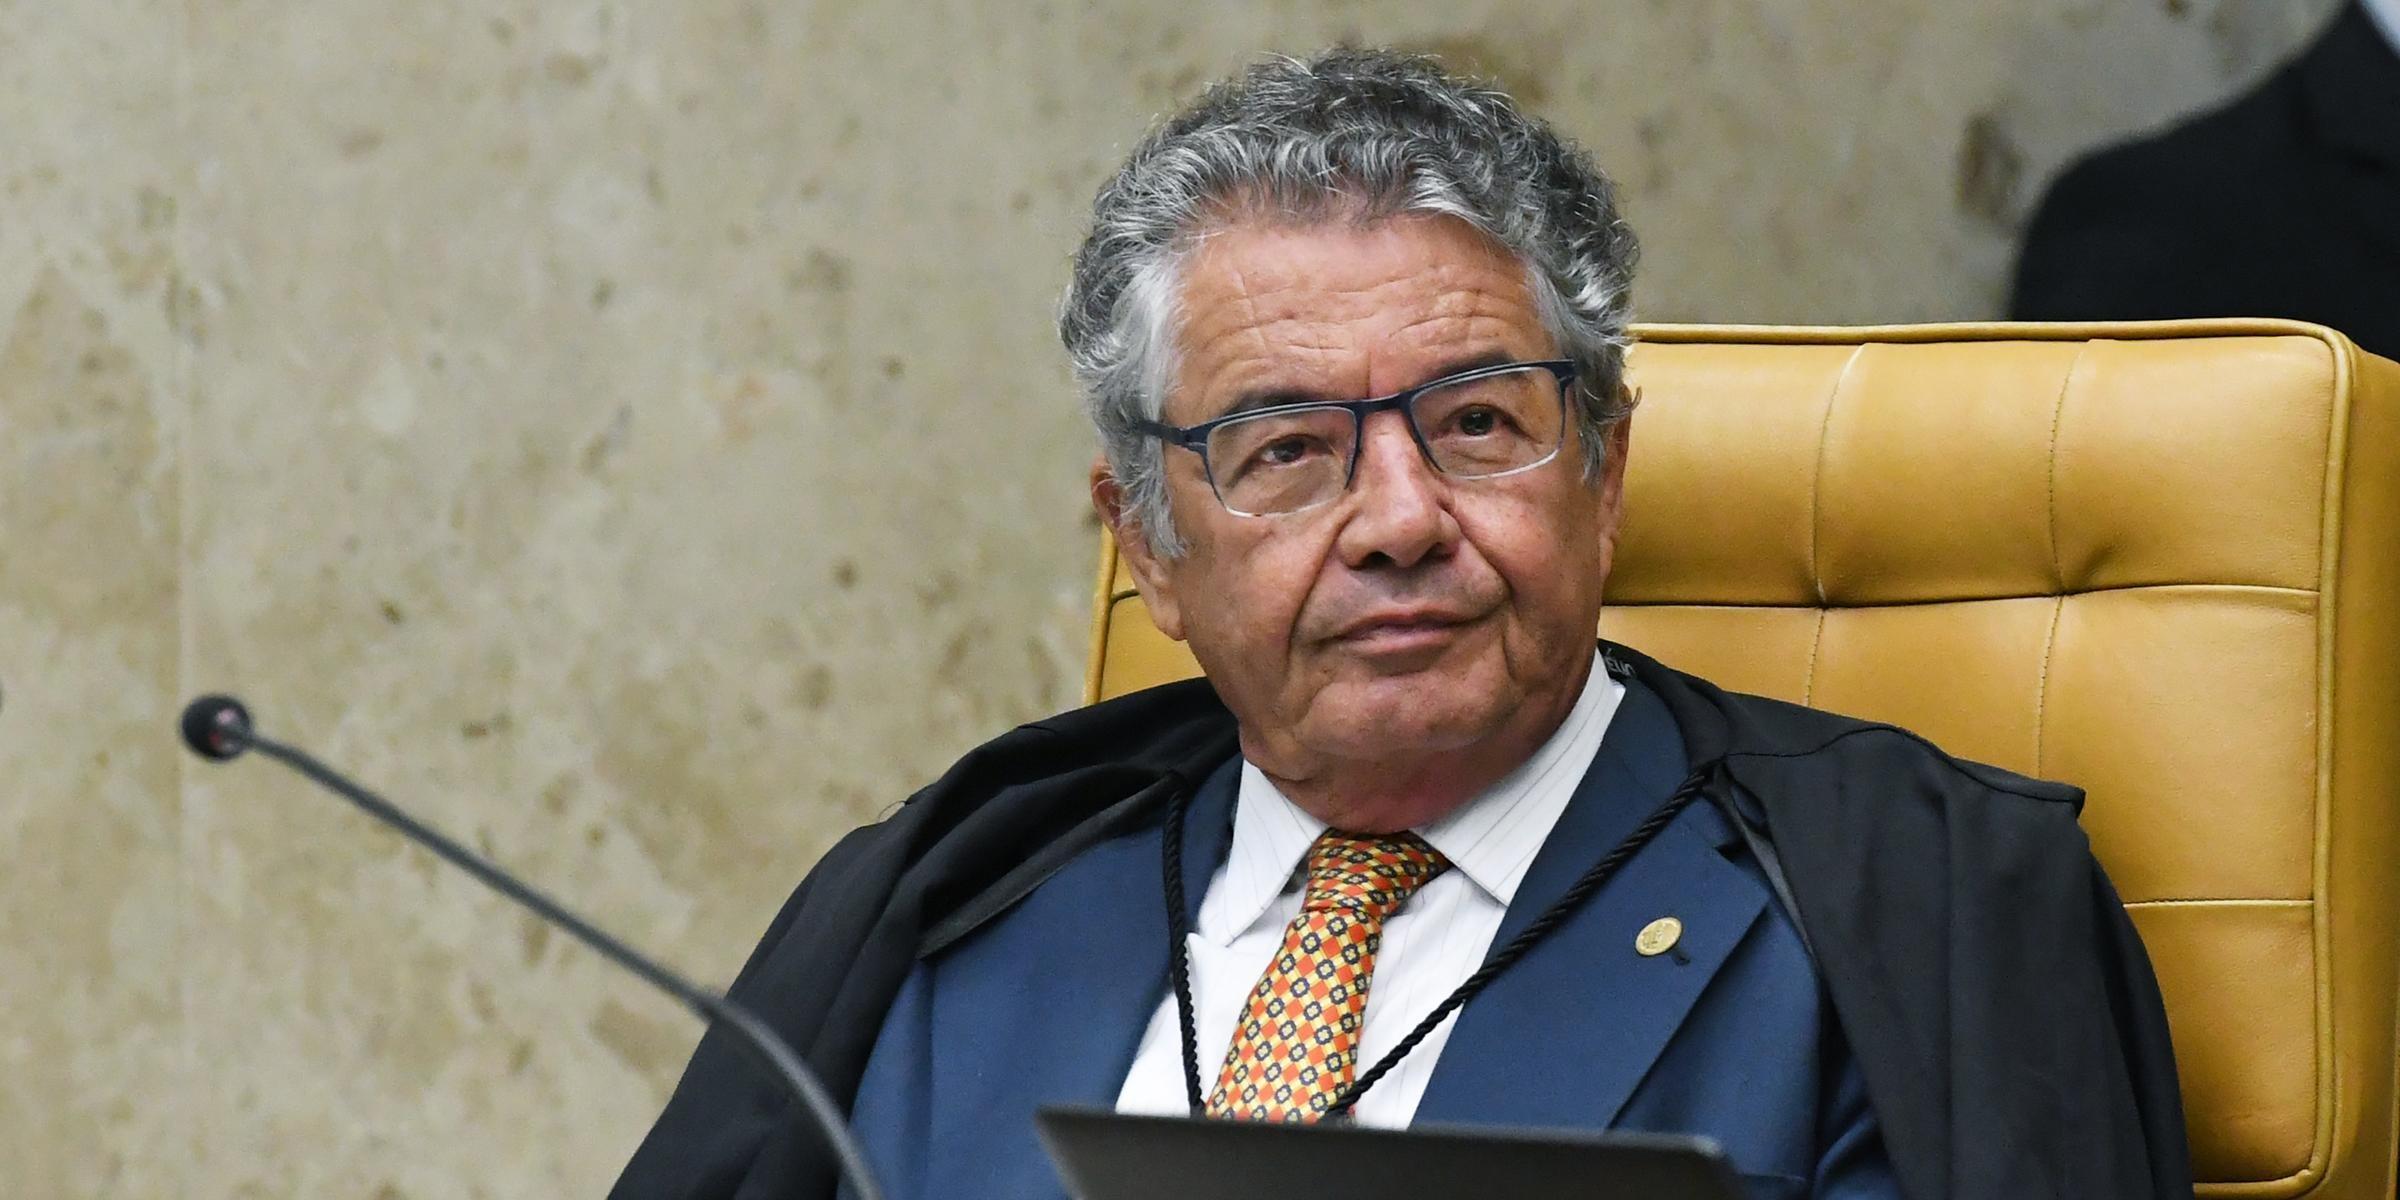 Entidades questionavam o valor final do acordo firmado pela mineradora com o governo de Minas